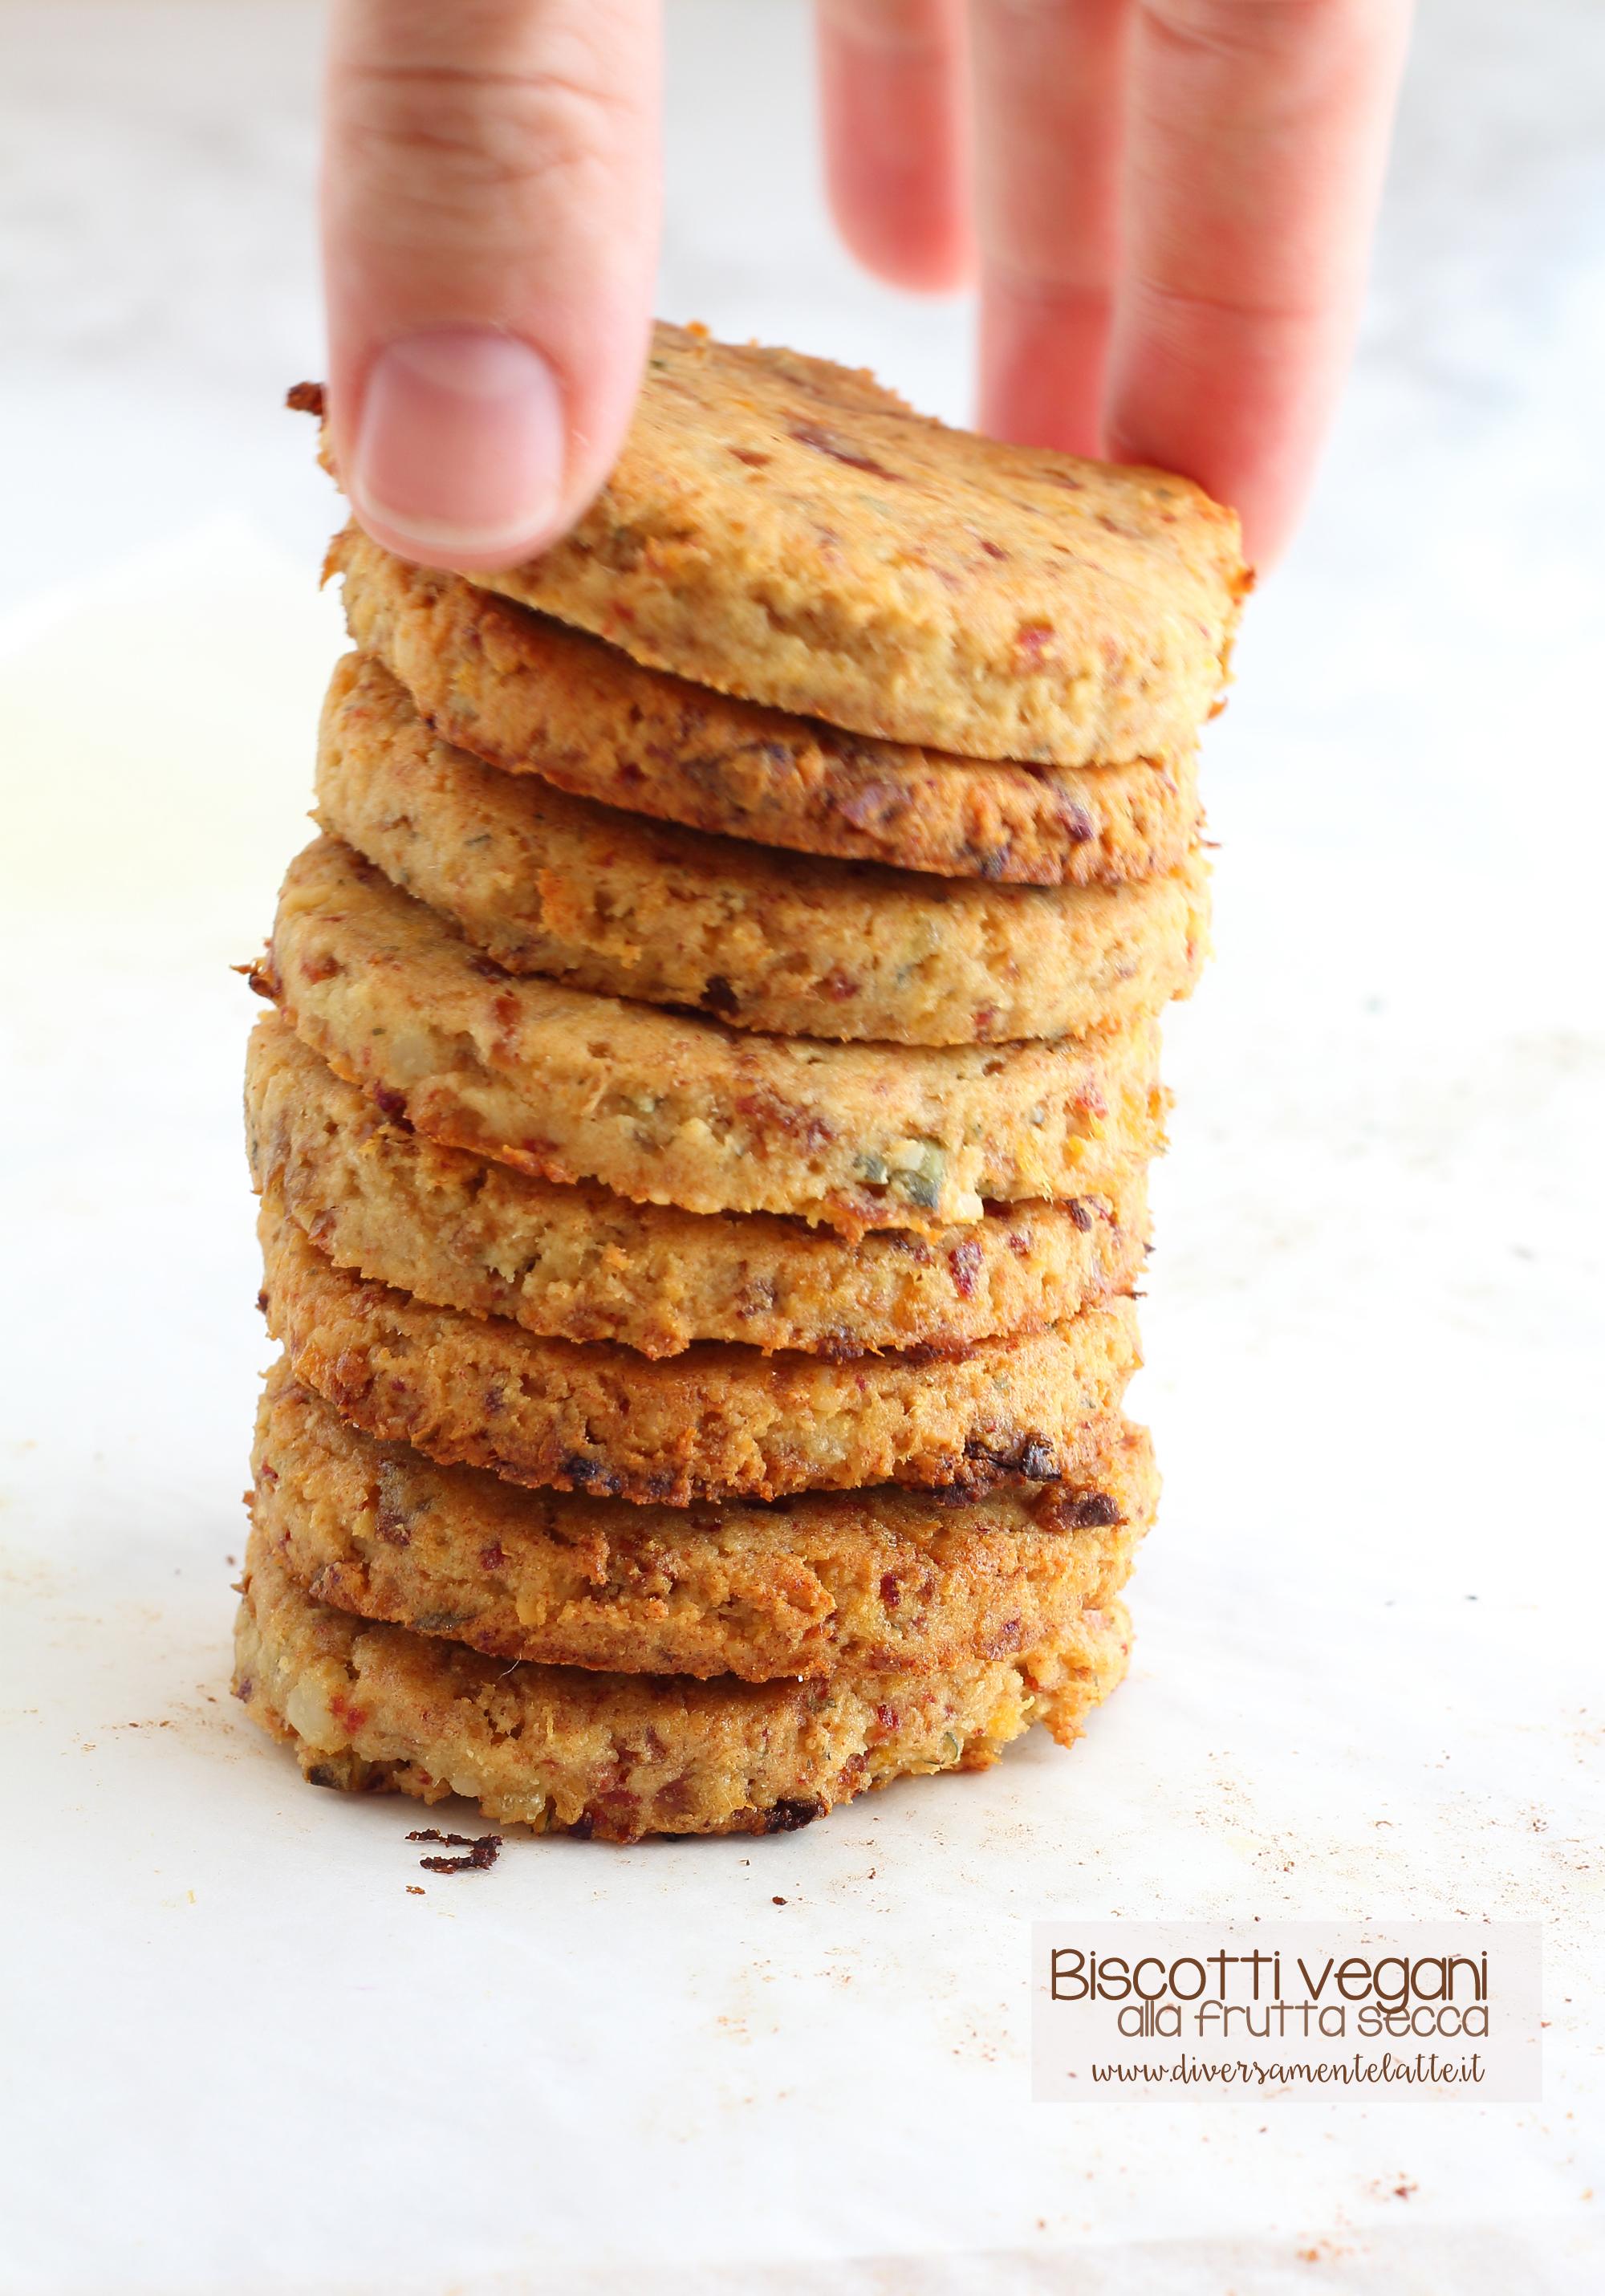 biscotti vegani senza glutine